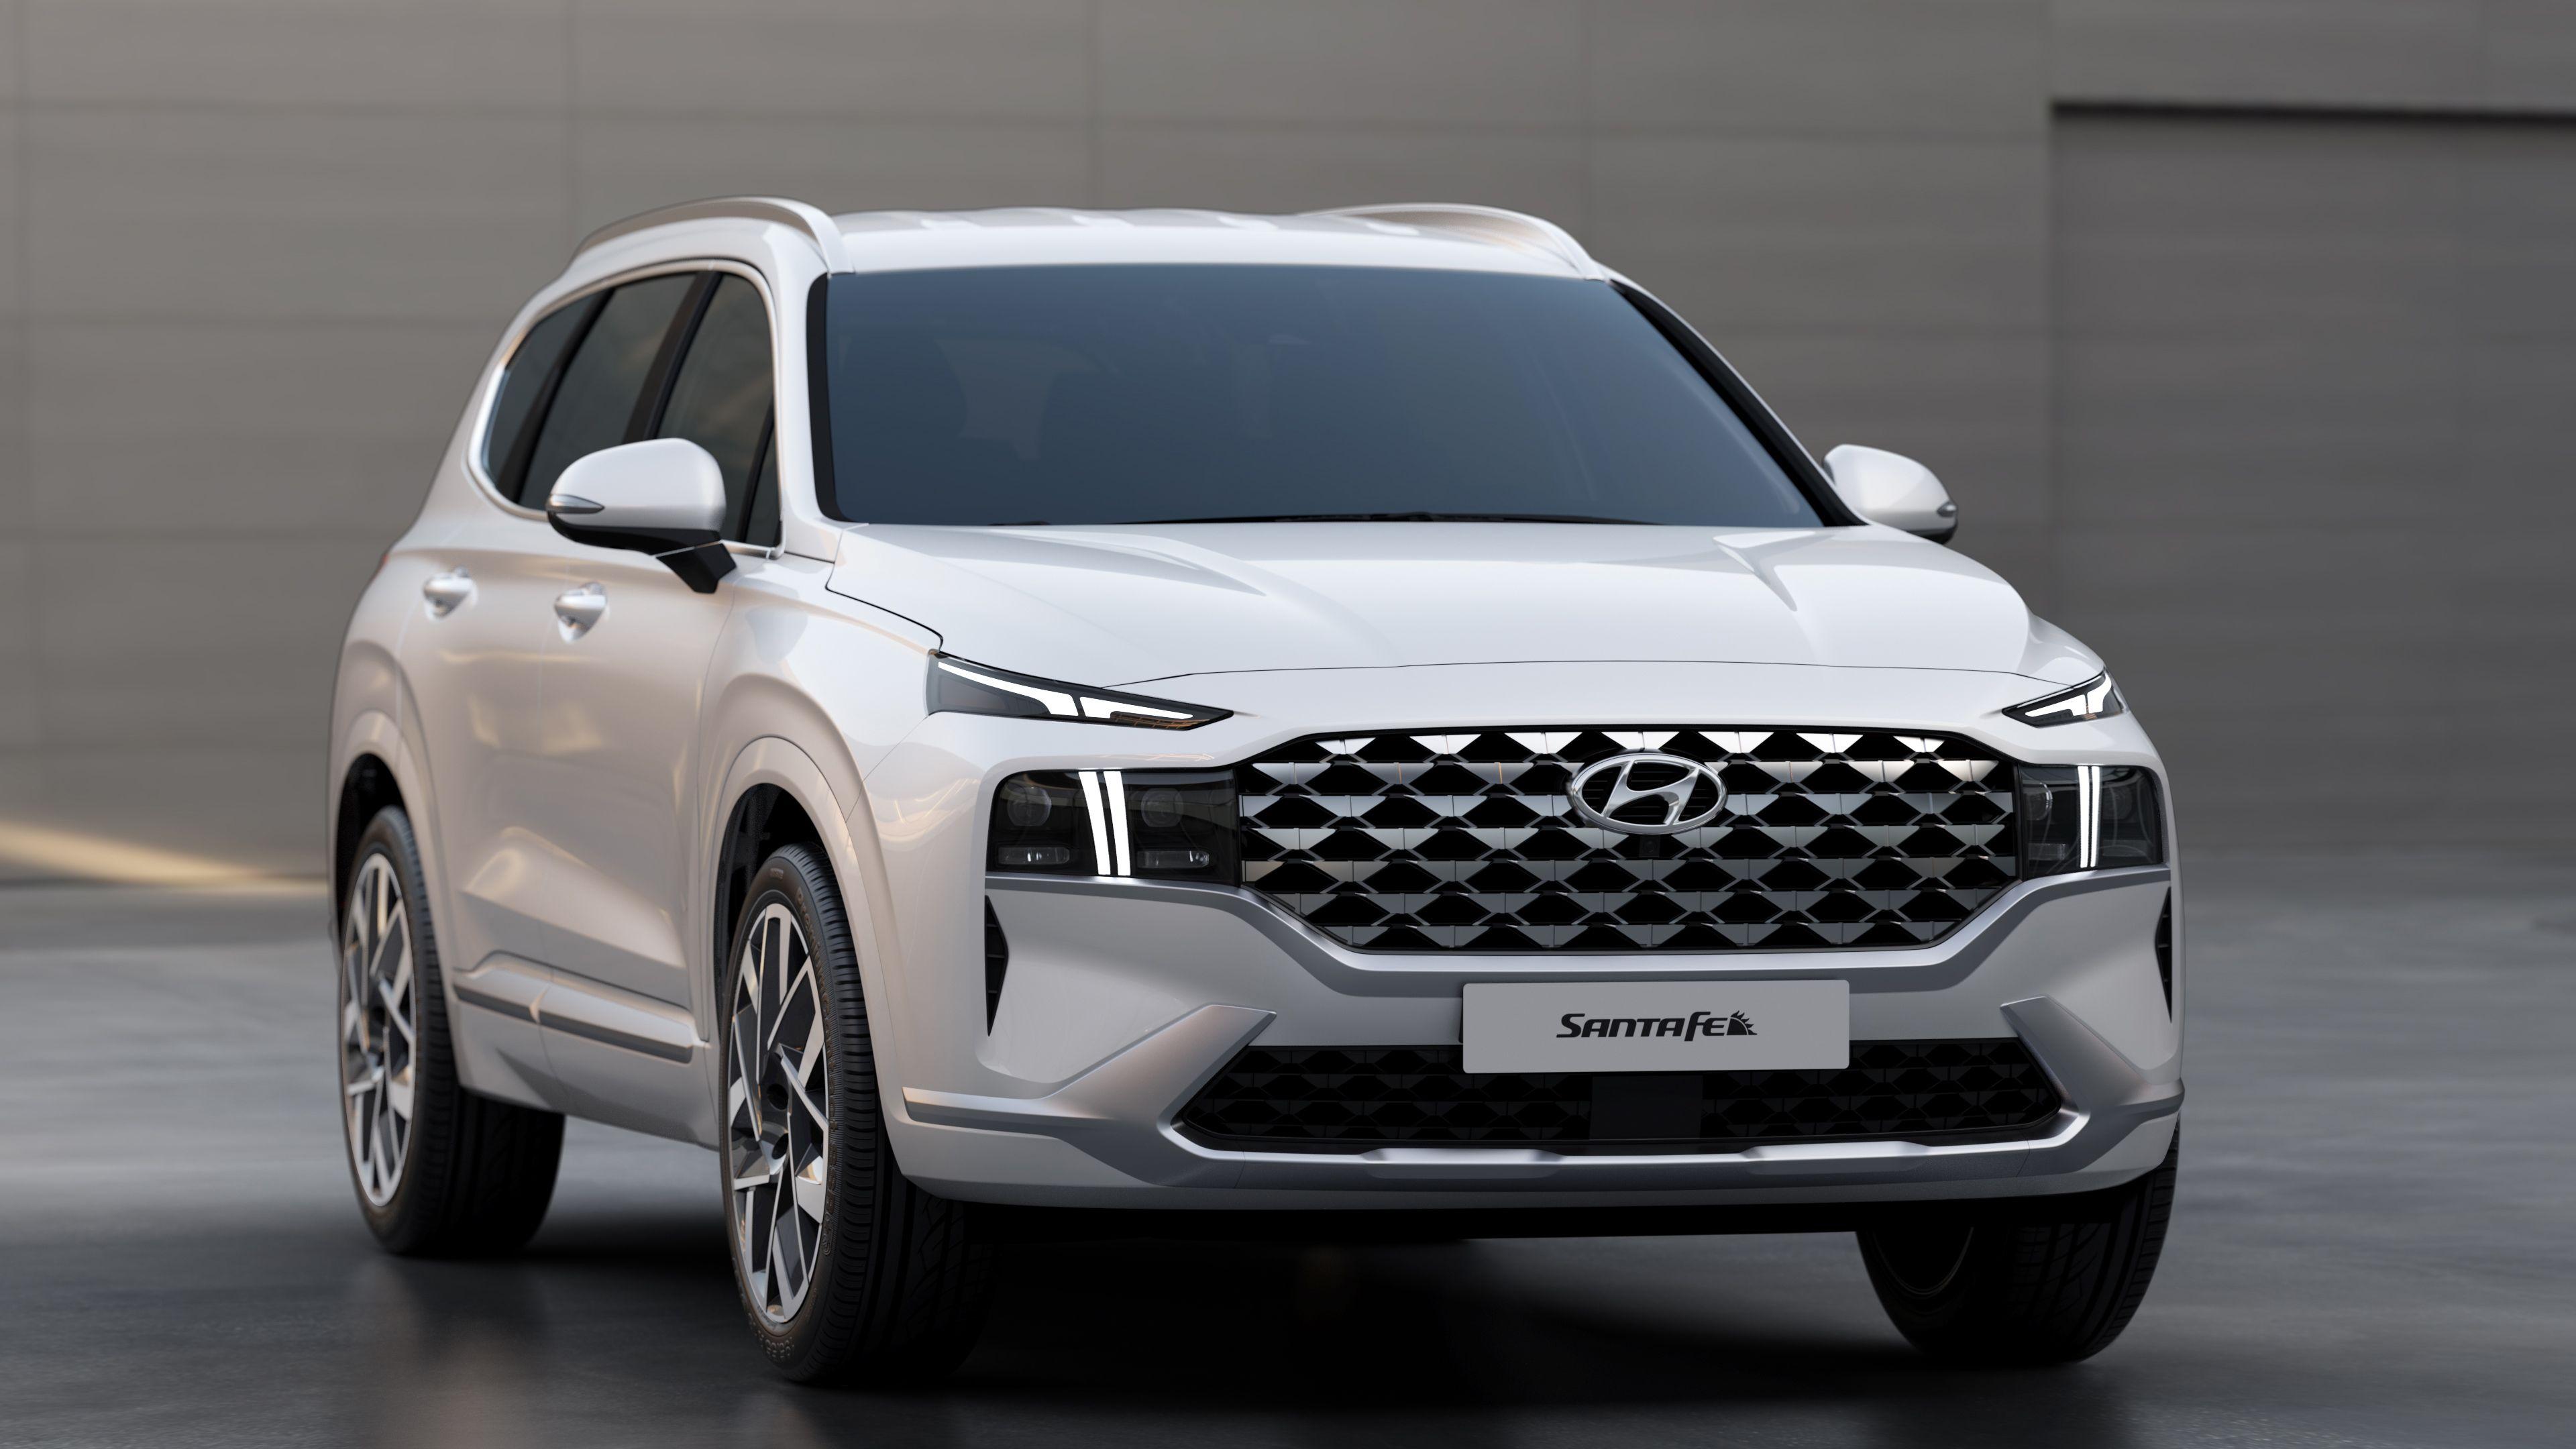 Hyundai Sante Fe SUV - 1